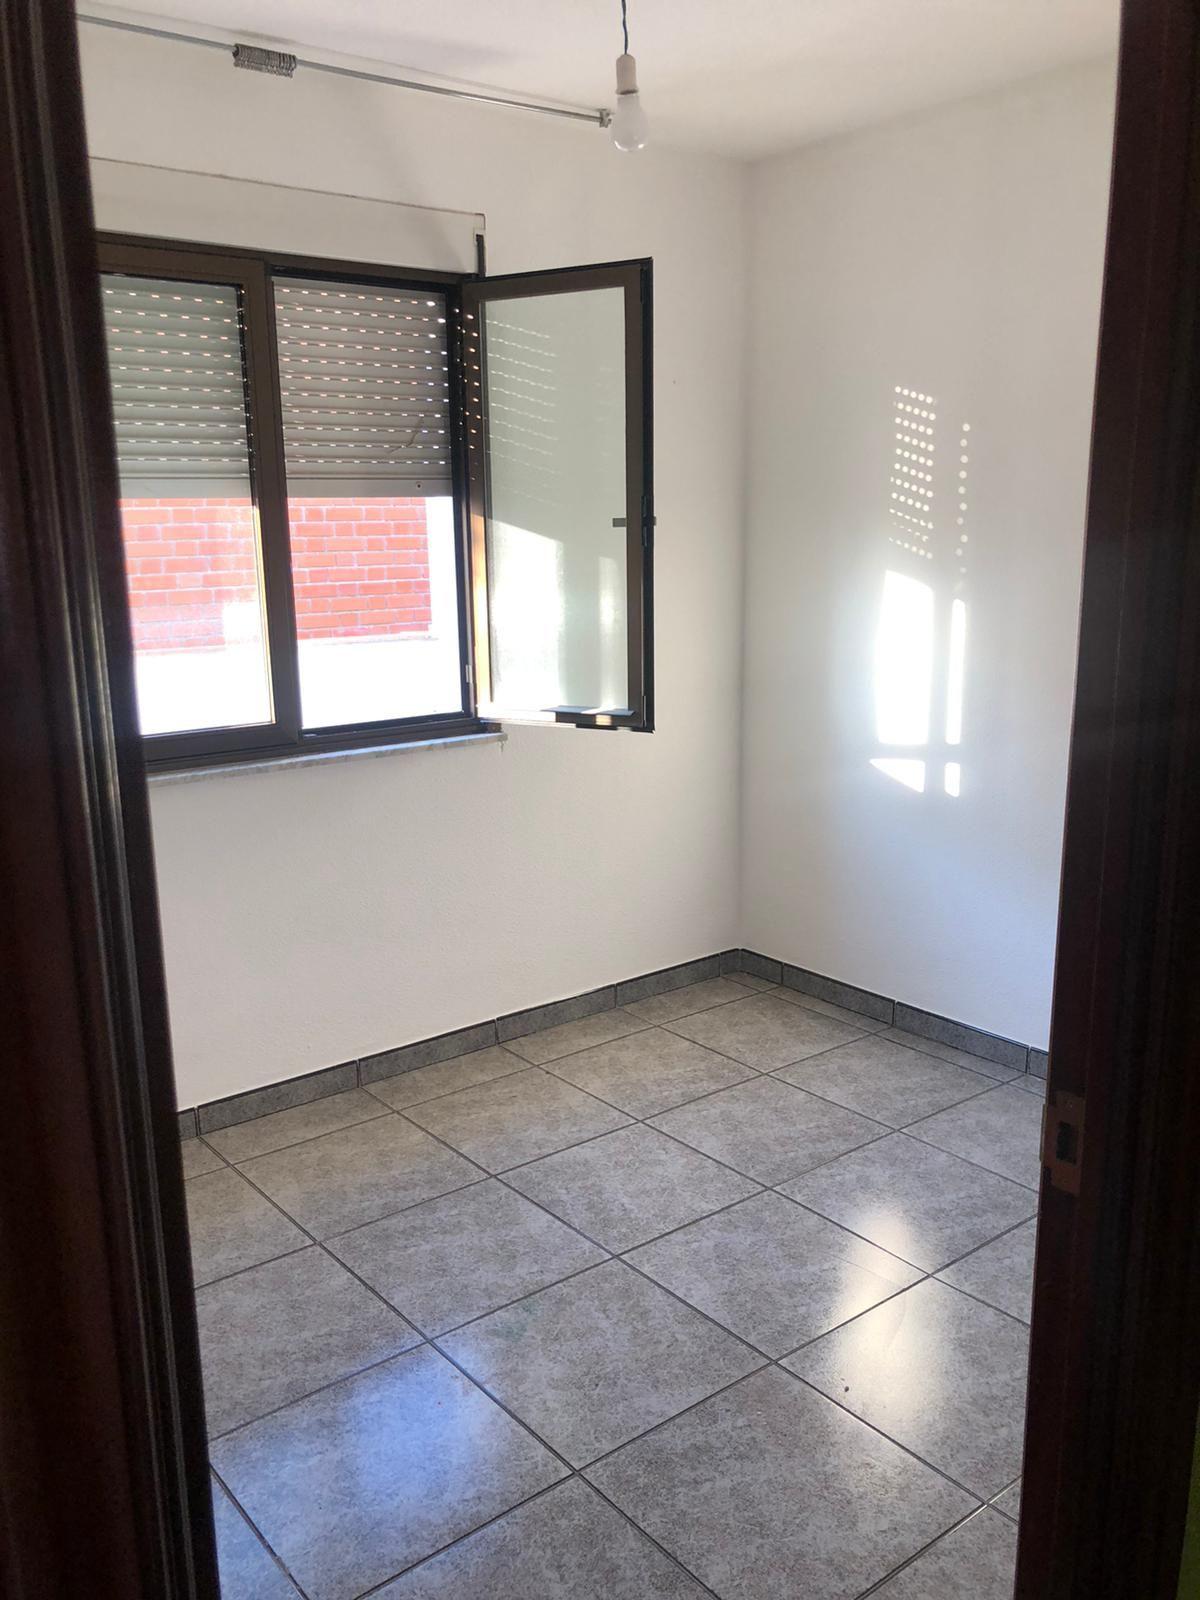 Casa en venta en Villoria, Villoria, Salamanca, Calle Encina, 67.053 €, 3 habitaciones, 2 baños, 109 m2